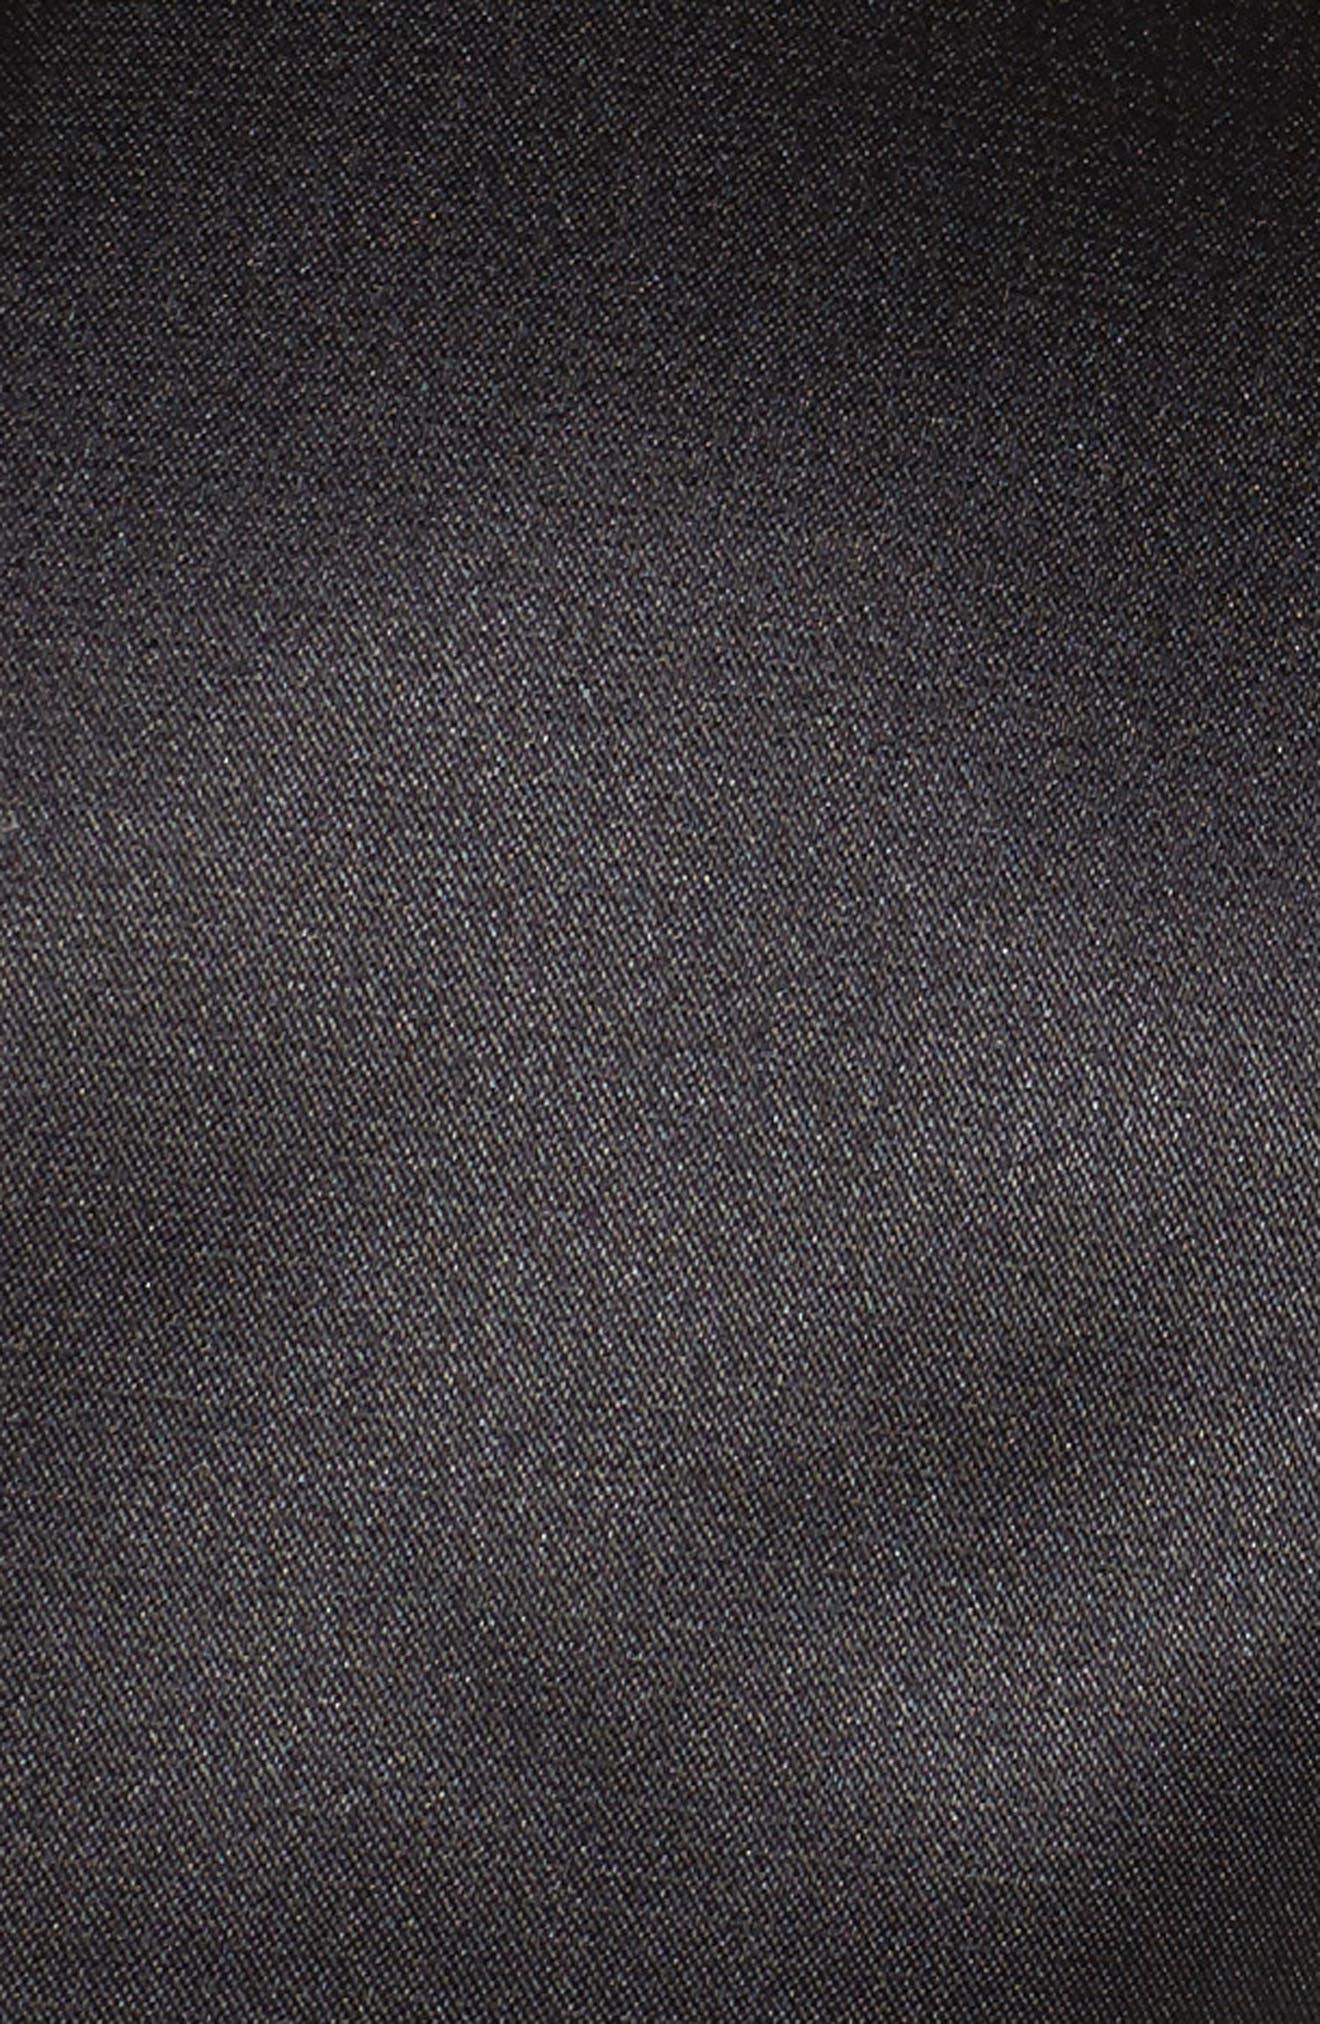 Satin Bolero,                             Alternate thumbnail 6, color,                             BLACK